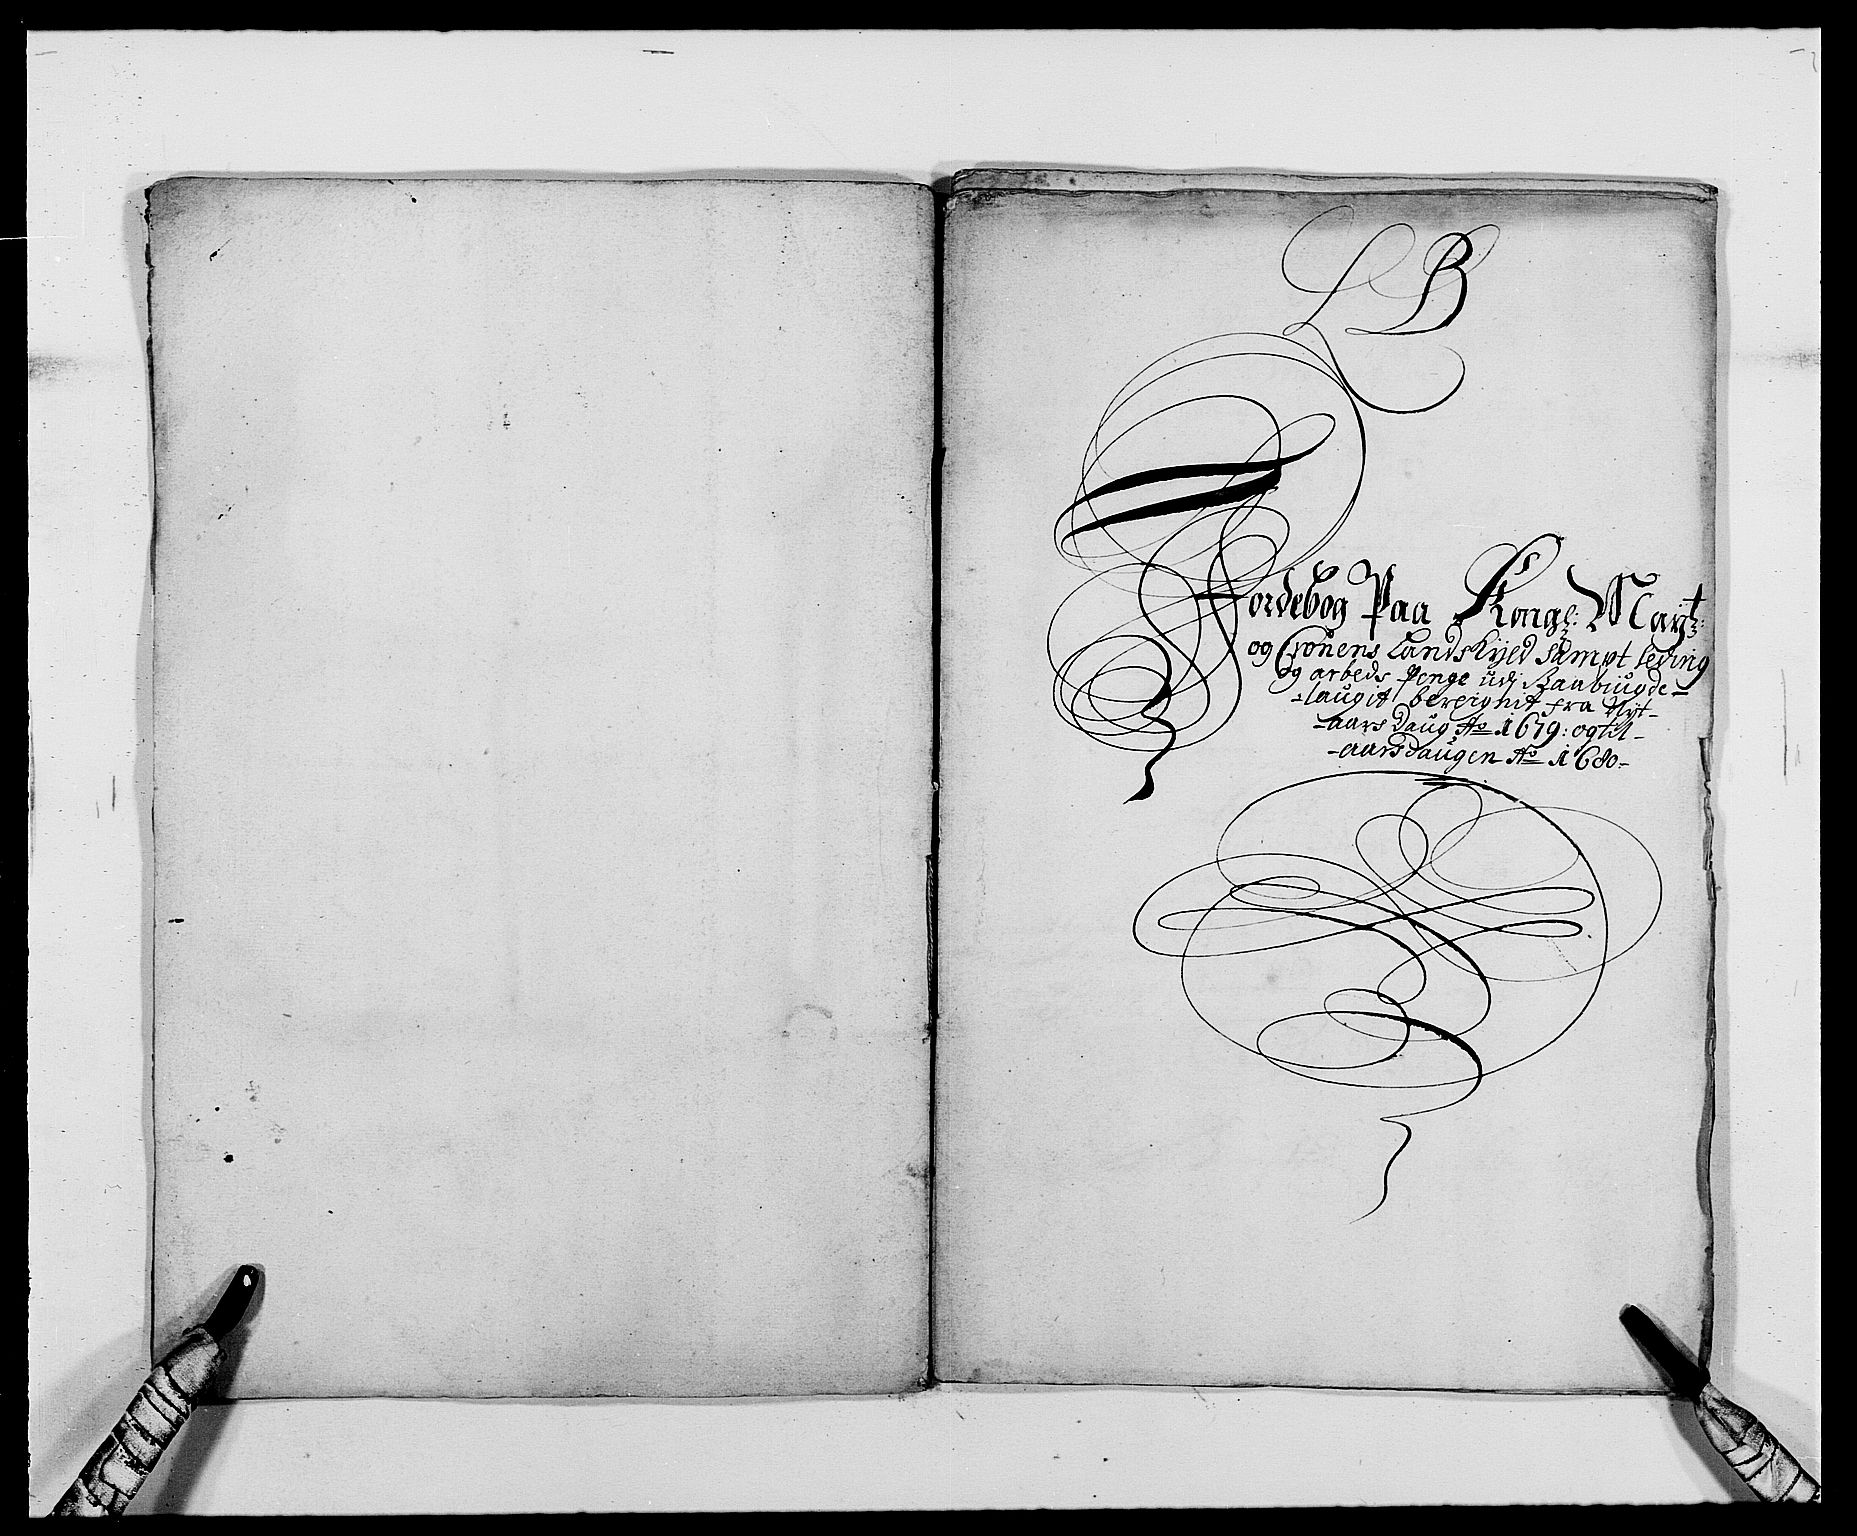 RA, Rentekammeret inntil 1814, Reviderte regnskaper, Fogderegnskap, R40/L2436: Fogderegnskap Råbyggelag, 1679-1680, s. 11